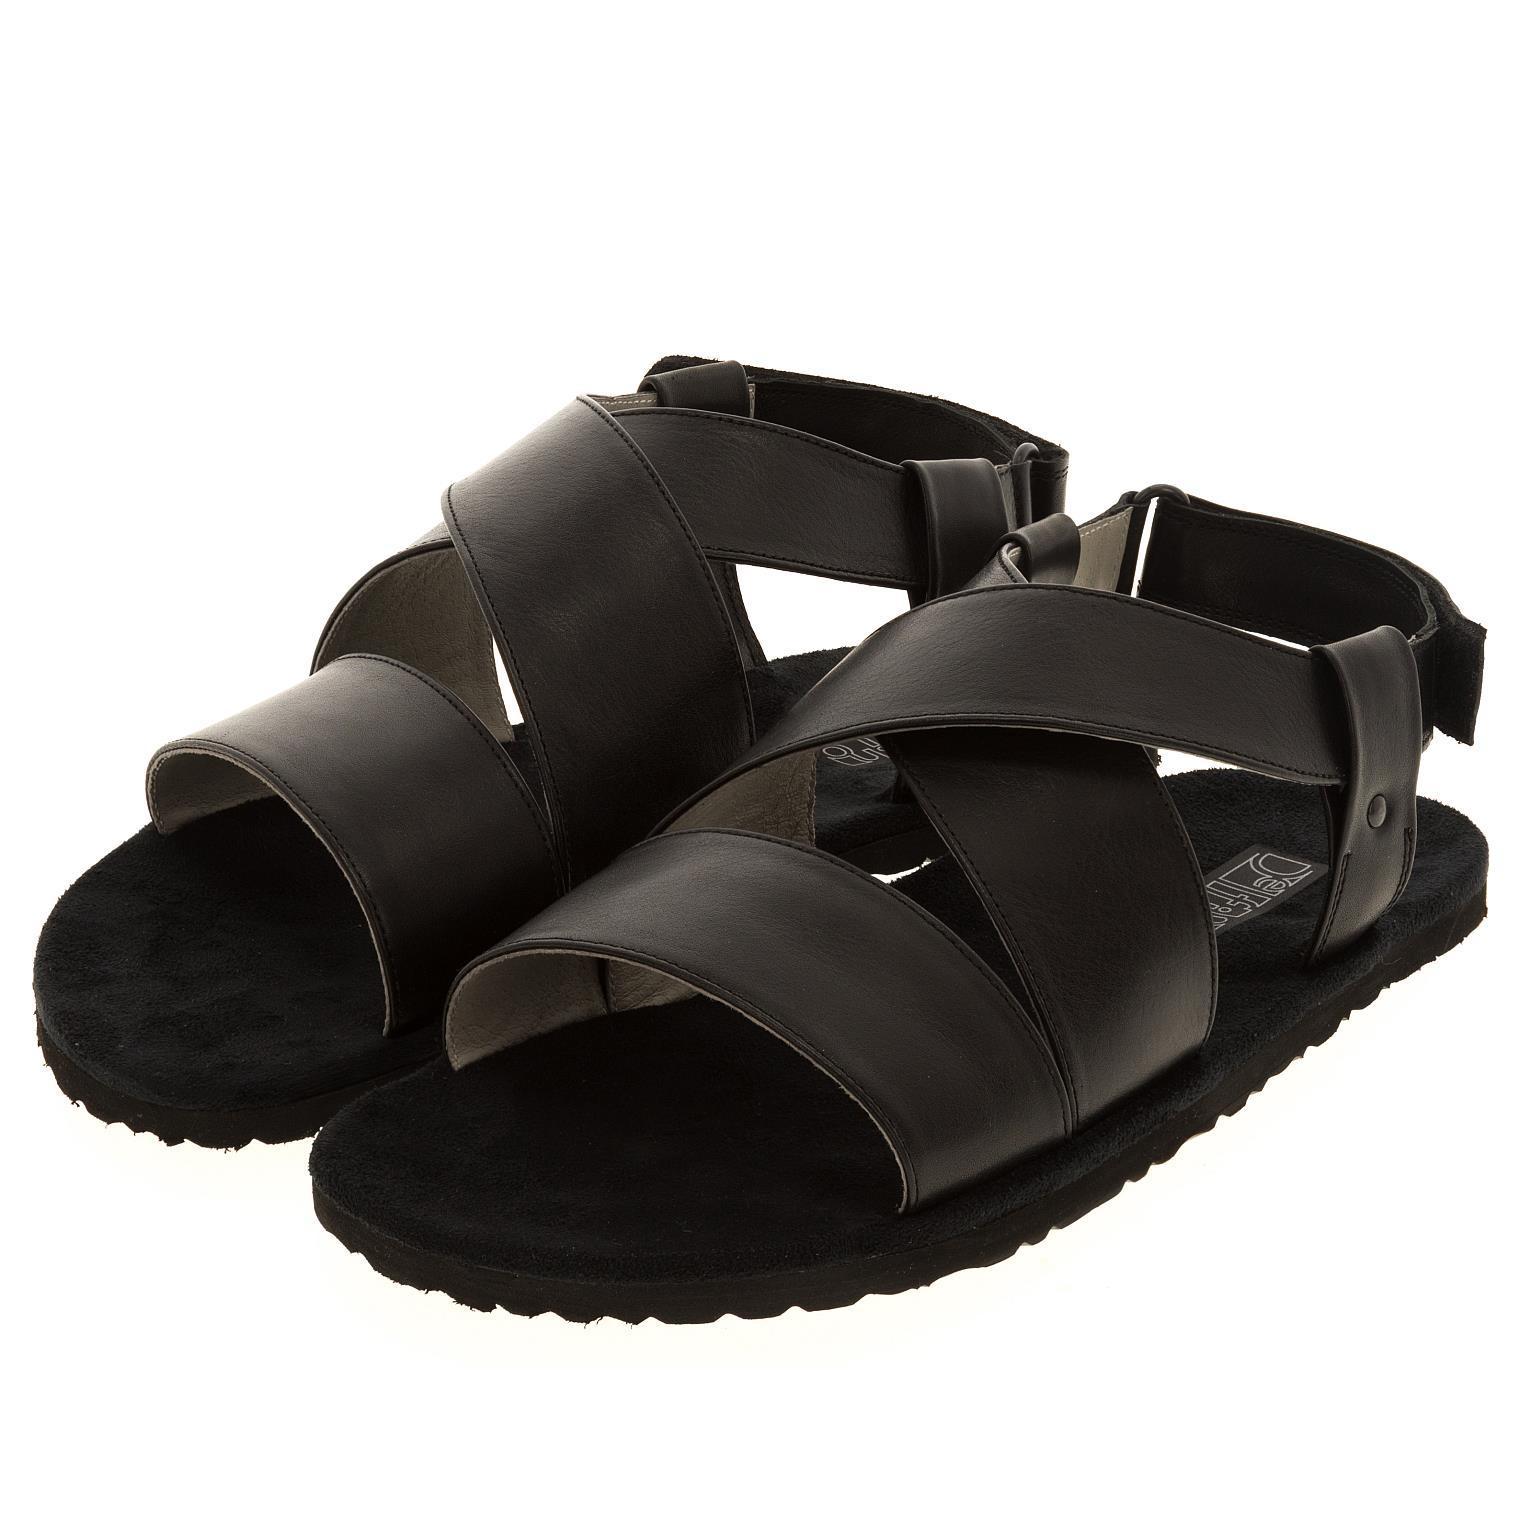 578157 сандалии мужские черные больших размеров марки Делфино